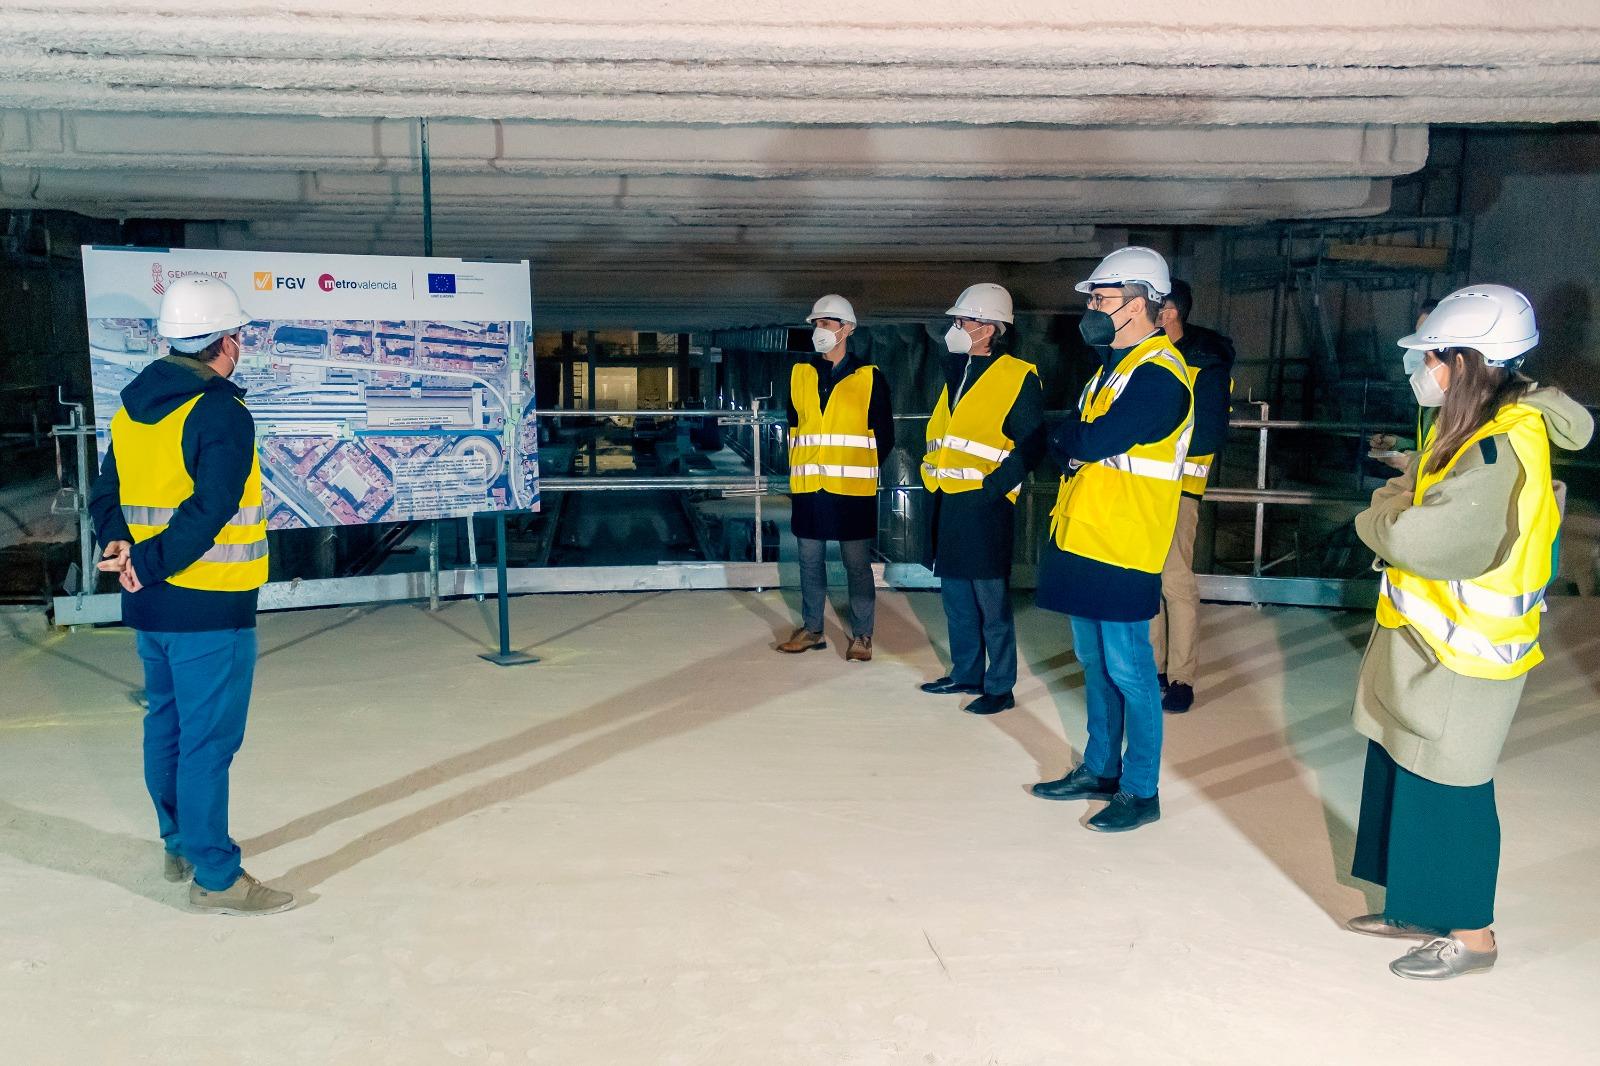 La Generalitat conectará peatonalmente la futura estación de Alacant con las de Xàtiva y Bailén para integrar la Línea 10 en la red de Metrovalencia